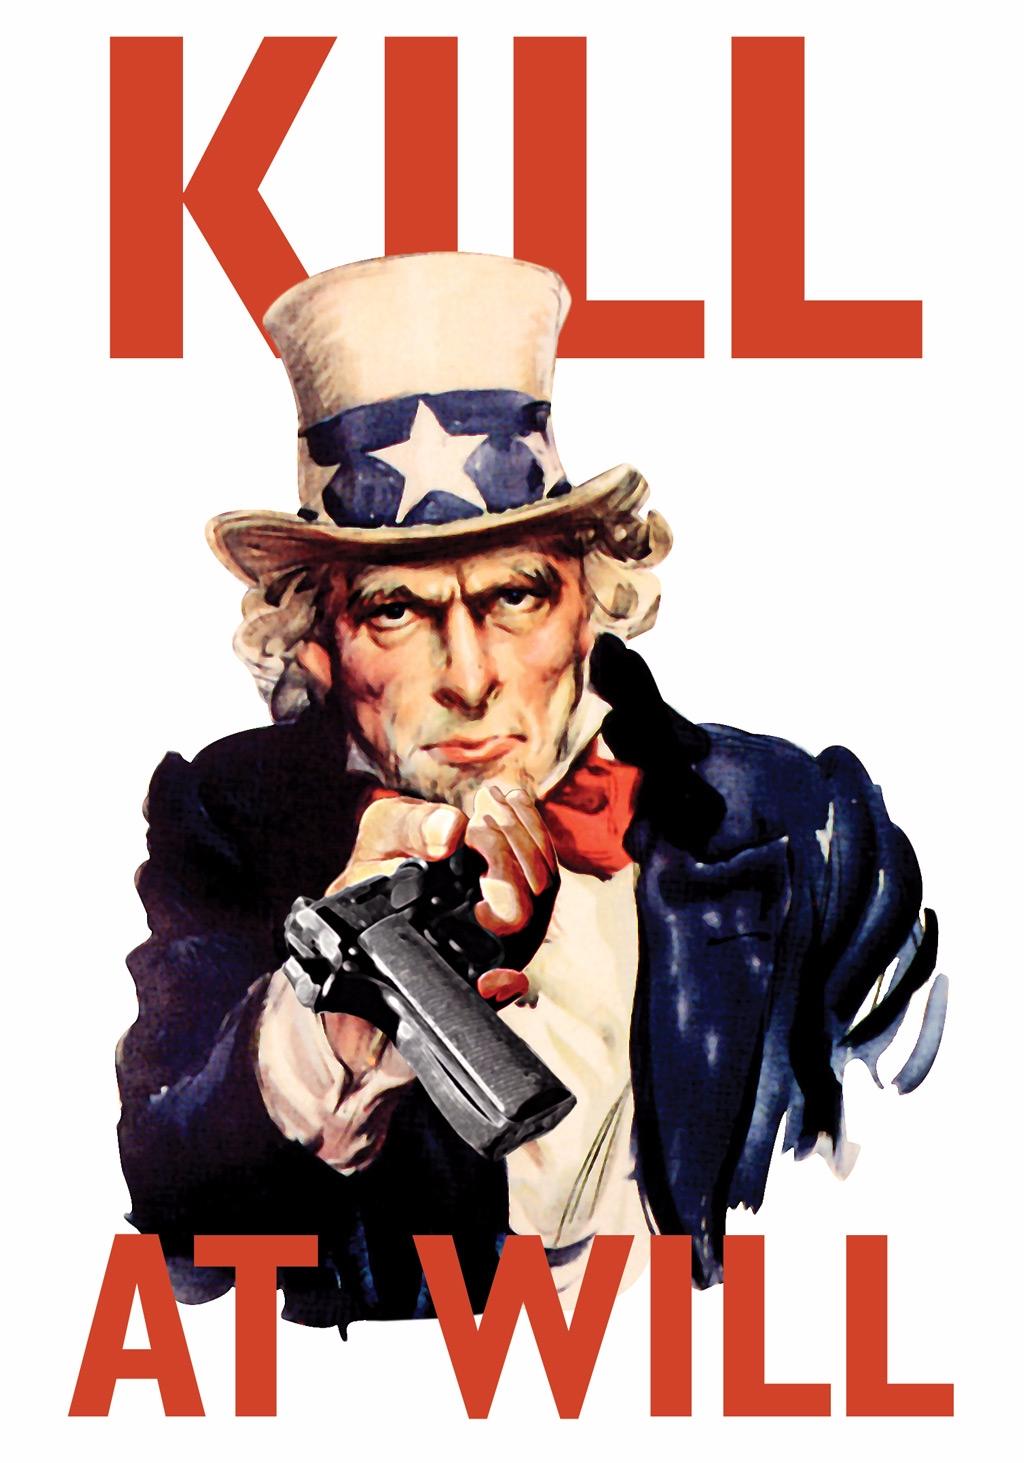 KILL Uncle Sam meets Ice Cube. - kenyonbcom | ello